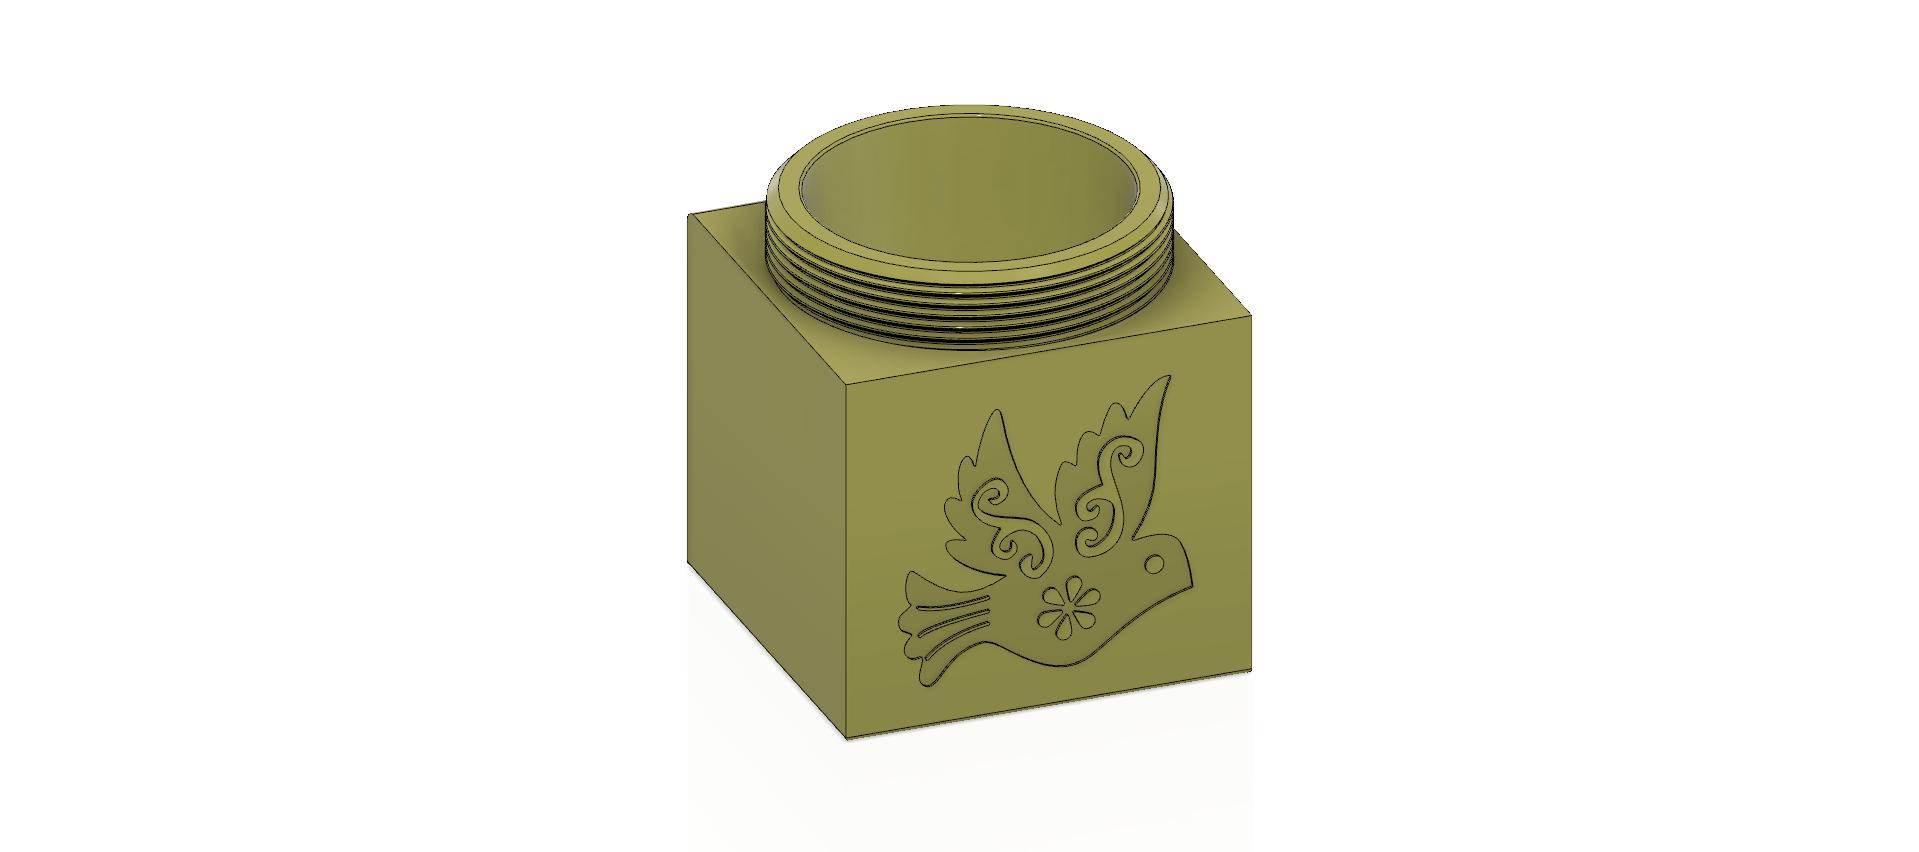 cube-02-a1 v1-07.png Descargar archivo OBJ Caja de regalo Caja secreta pequeña caja secreta Modelo de impresión en 3D • Modelo para imprimir en 3D, Dzusto